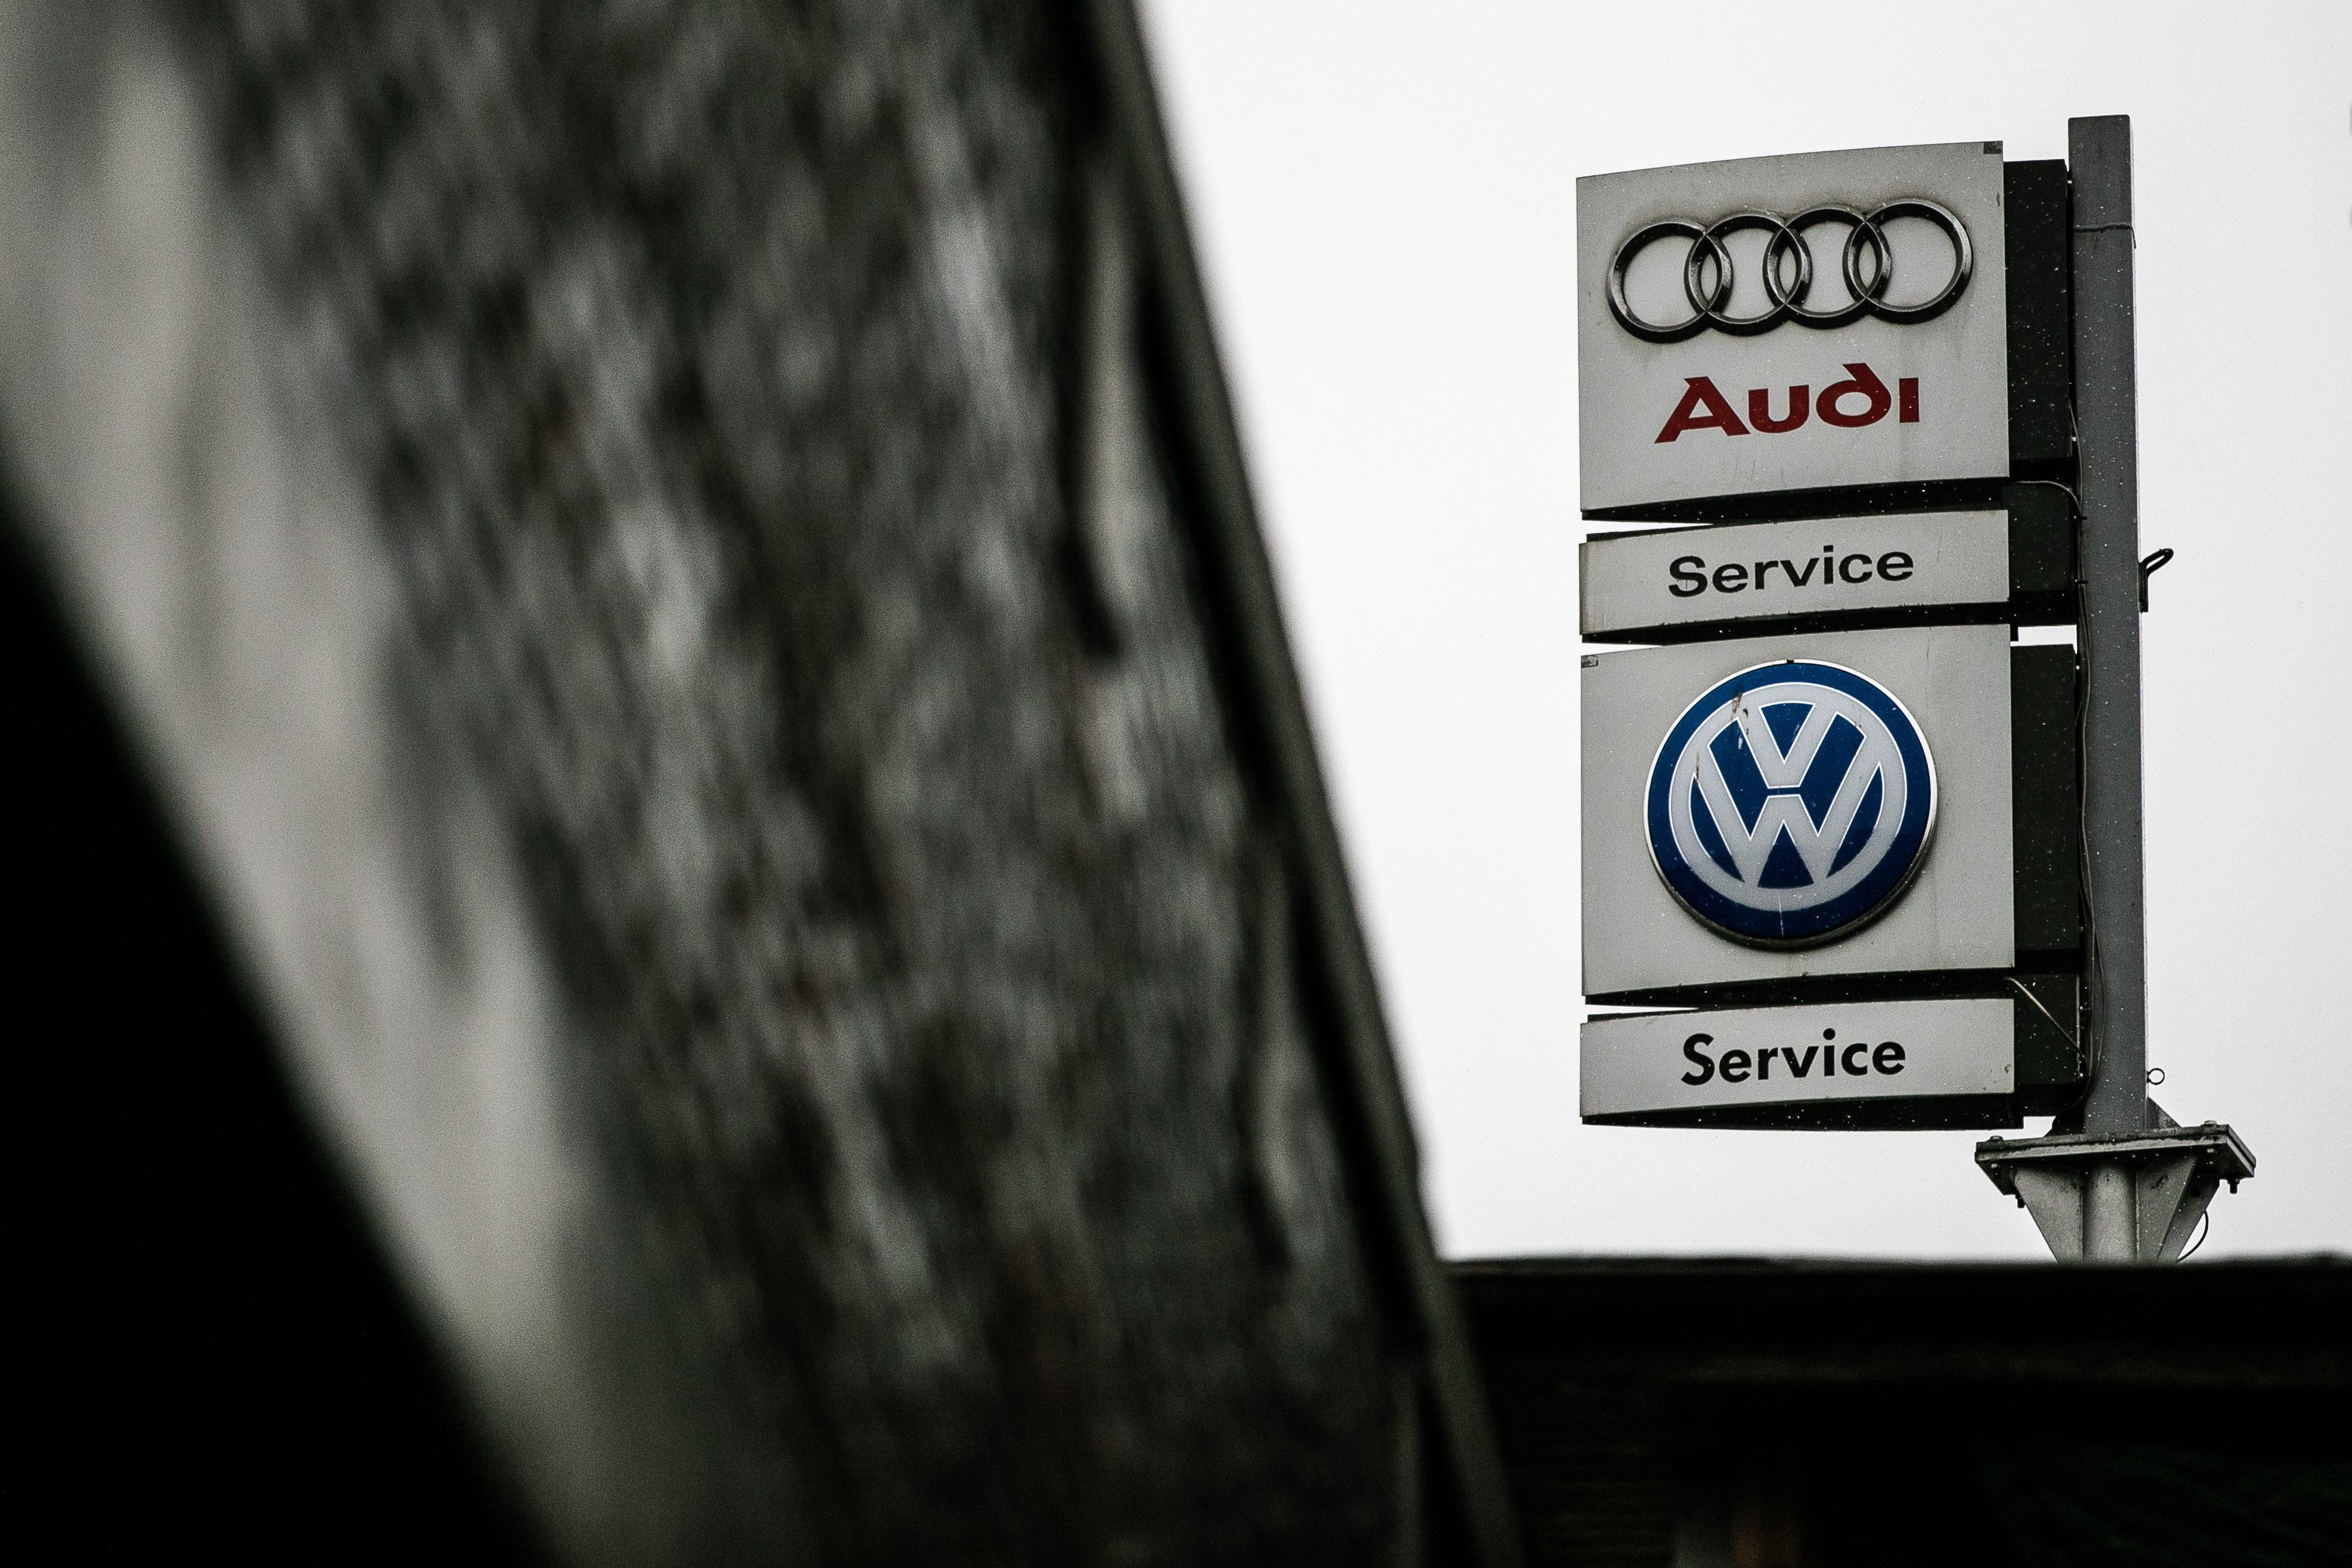 Kekurangan Audi Volkswagen Harga